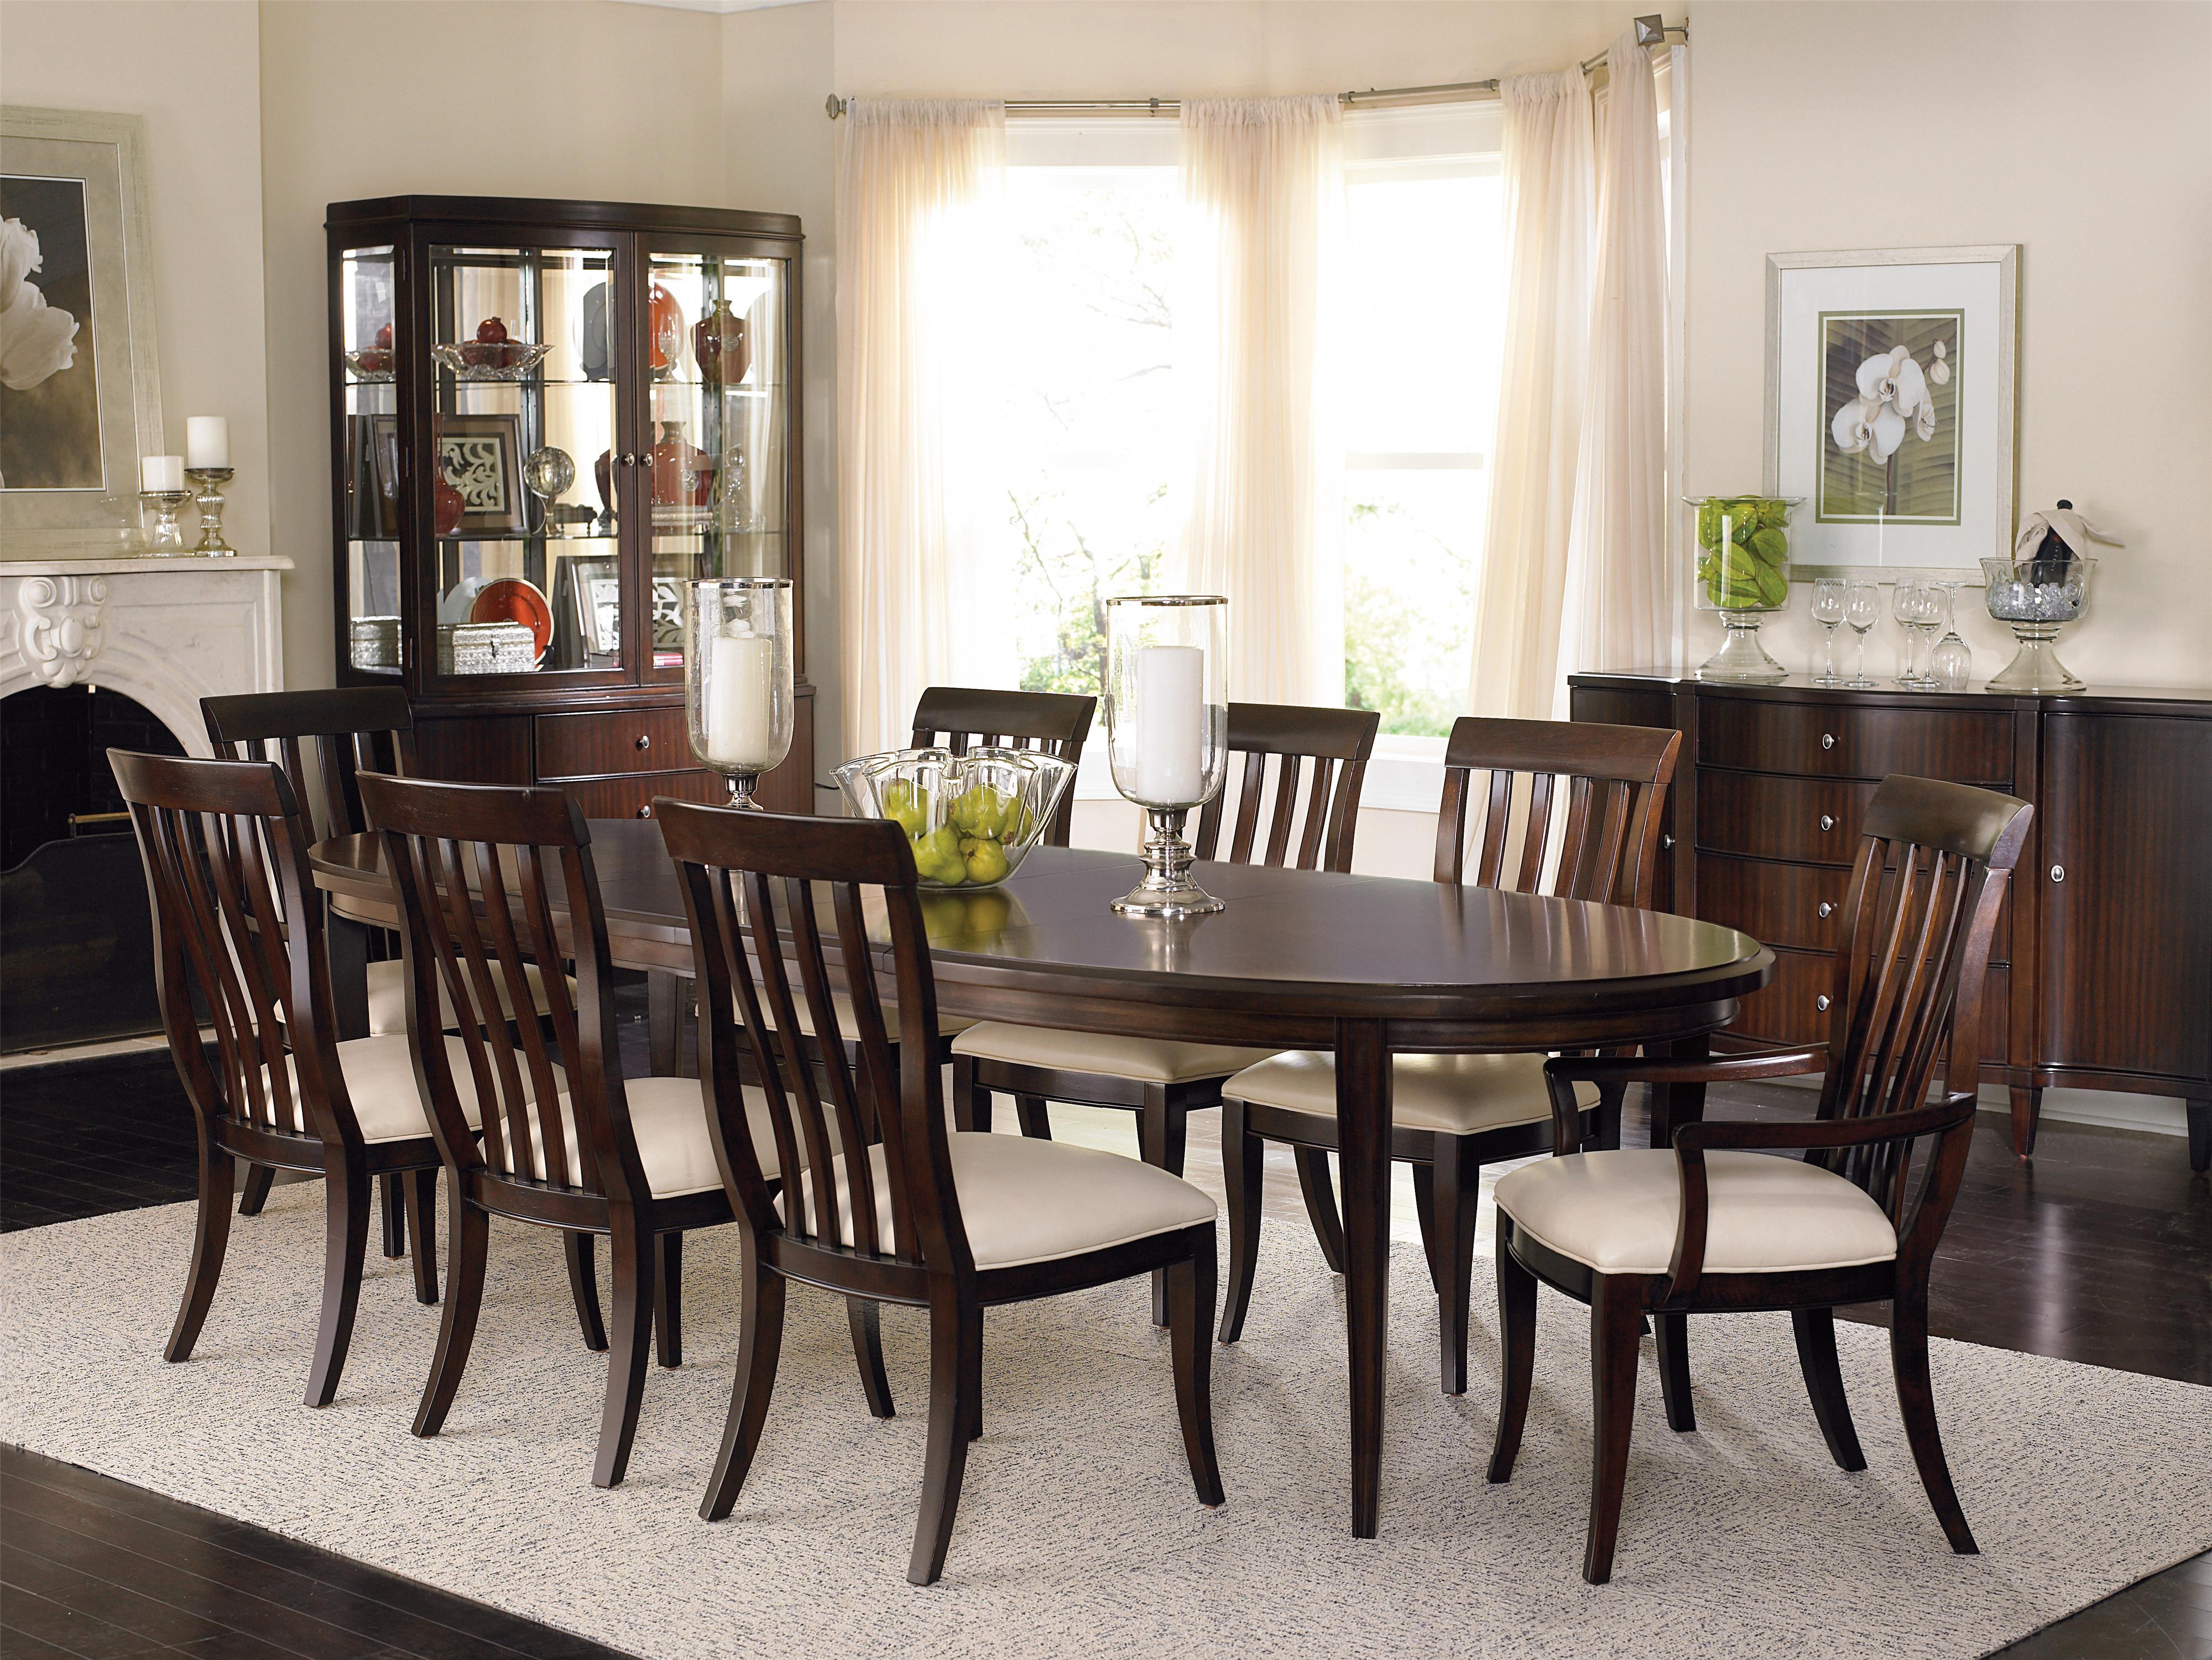 Bernhardt Westwood Formal Dining Room Group - Item Number: 318 Dining Room Group 5